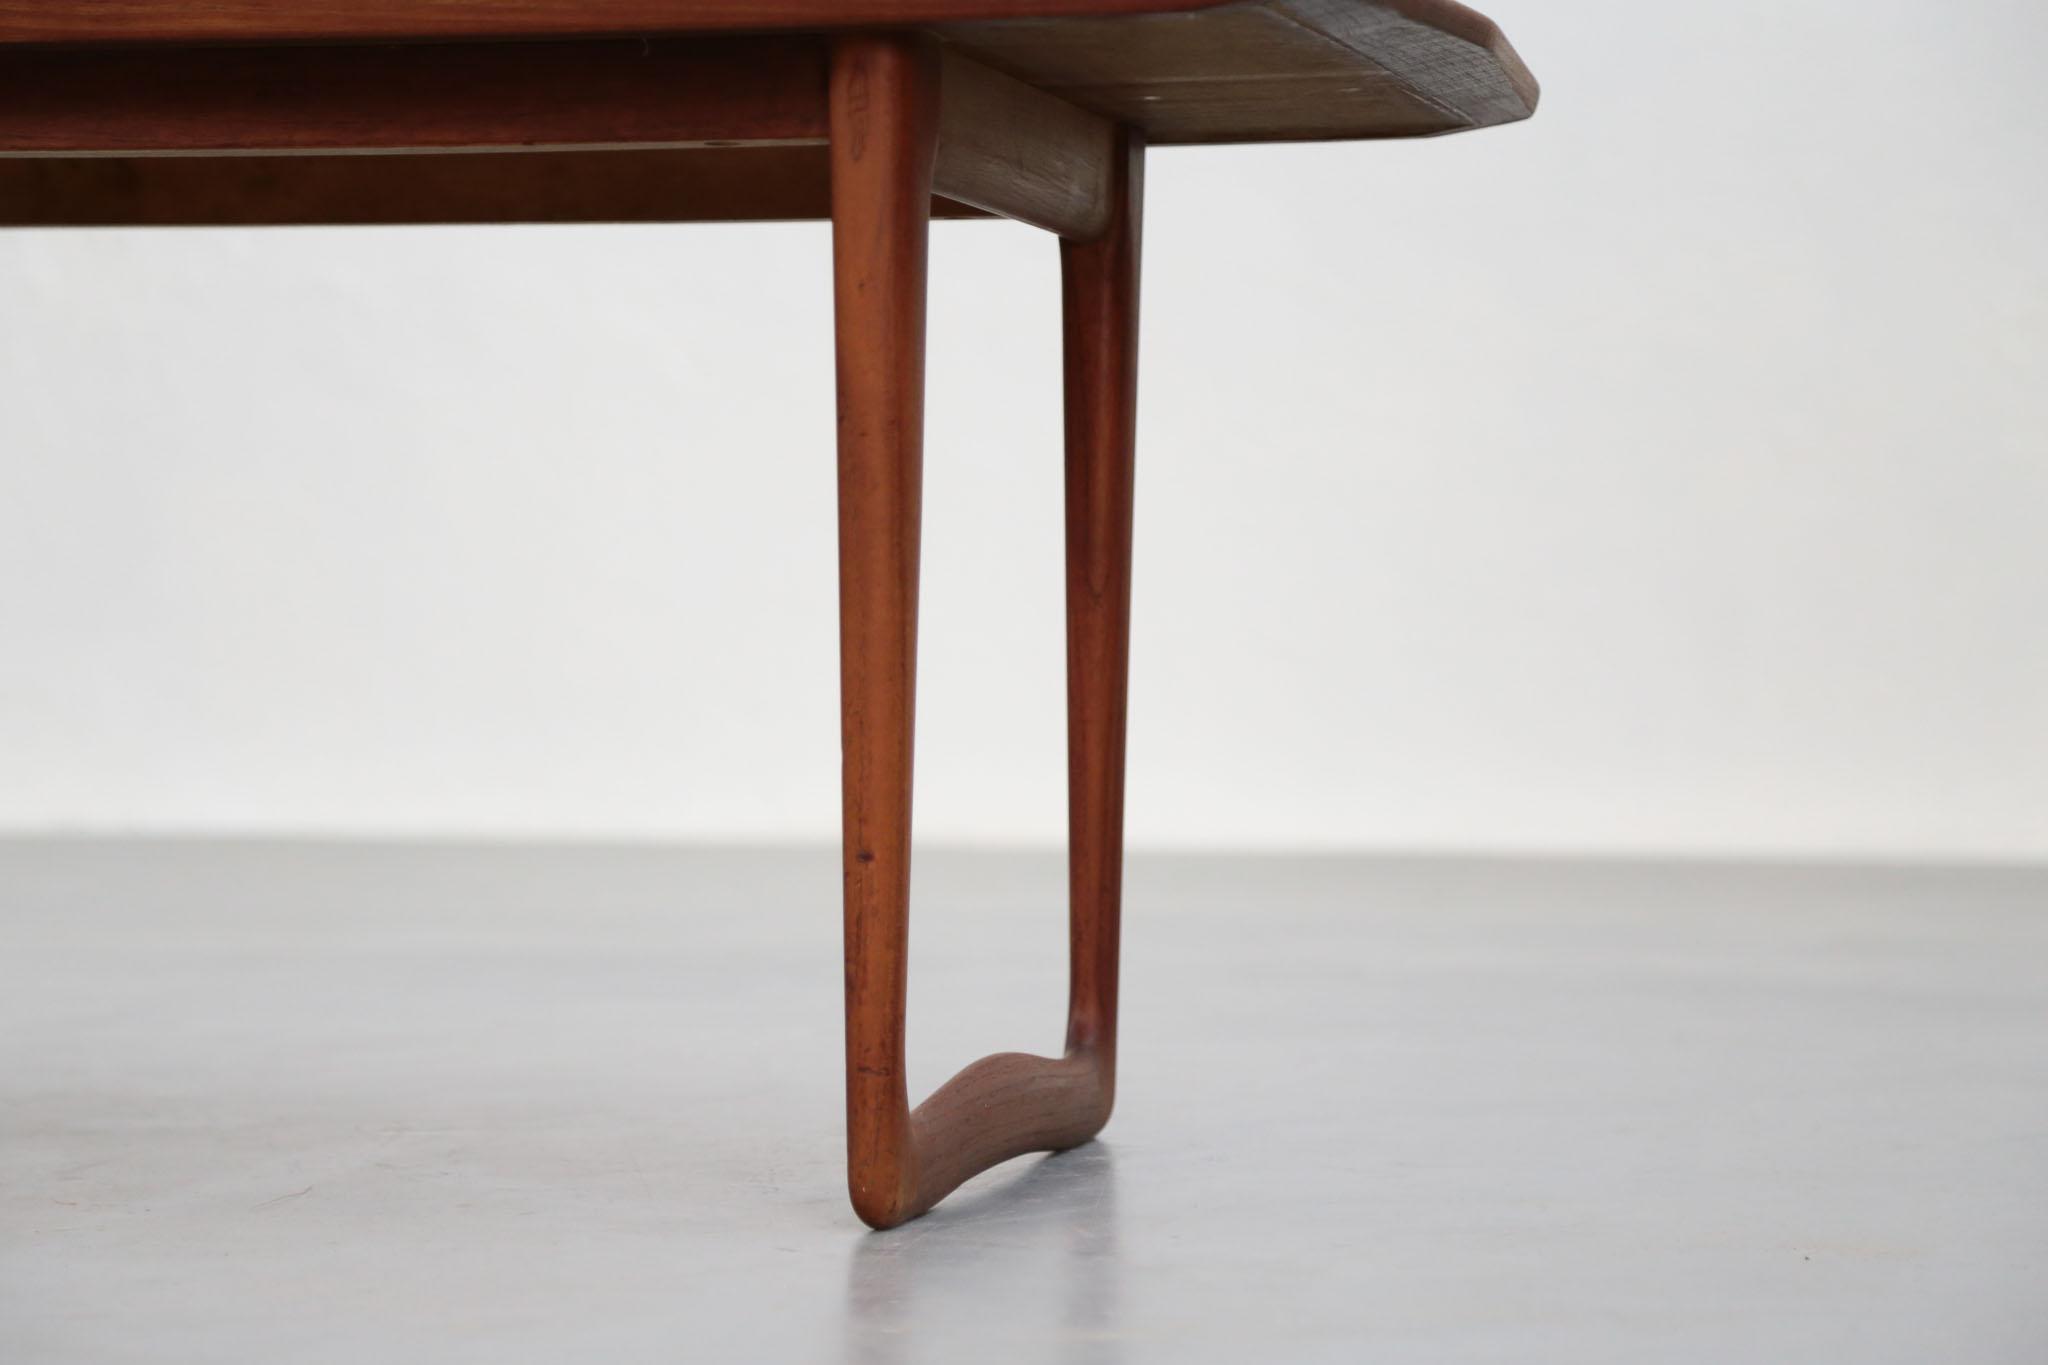 Table Basse Scandinave En Teck Danoise Danke Galerie